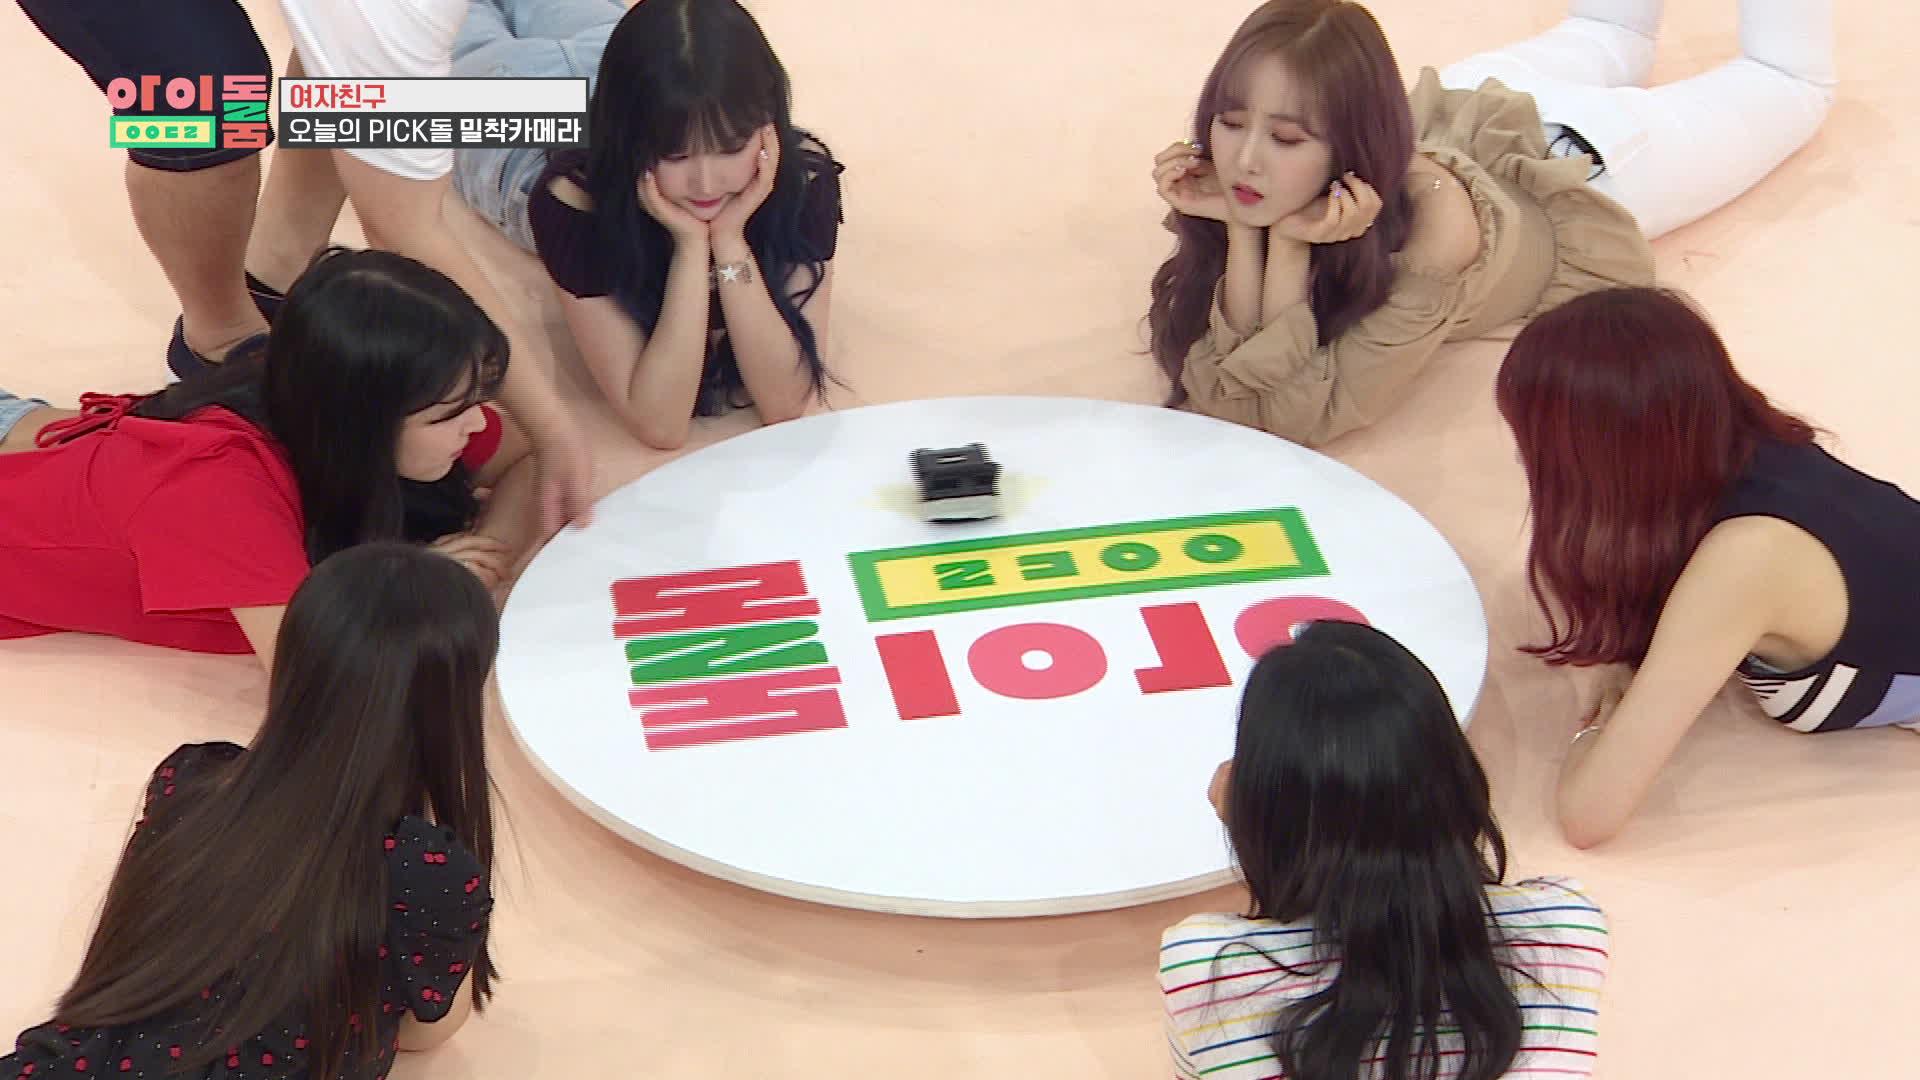 아이돌룸(IDOL ROOM) 13회 - 오늘의 PICK돌 신비의 '엉덩이 꽈당' 세리모니